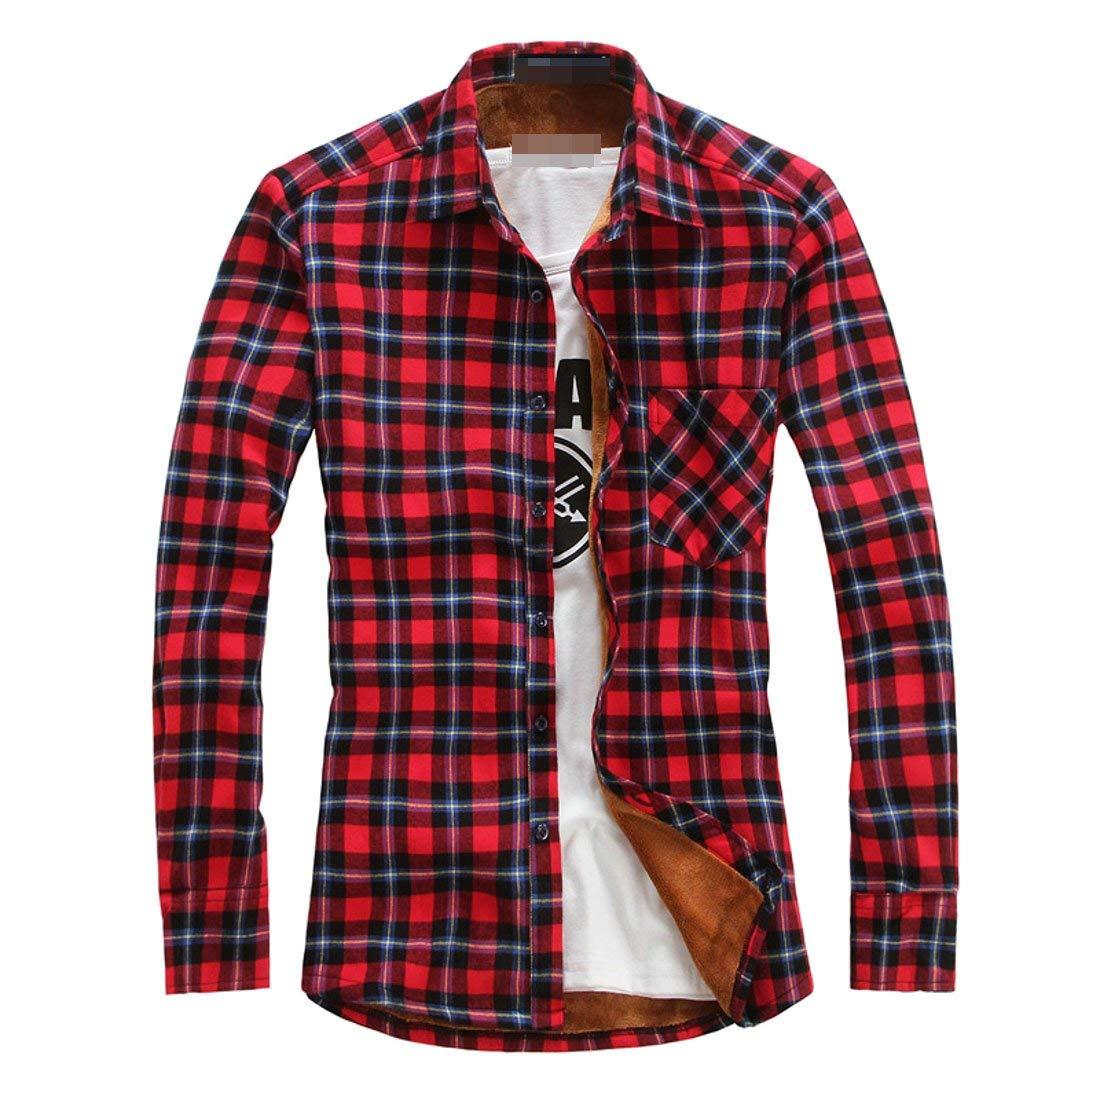 BU2H Men Multicolor Plus Size Fashion Long Sleeve Slim Fit Cotton Plaid Button Up Fleece Shirt